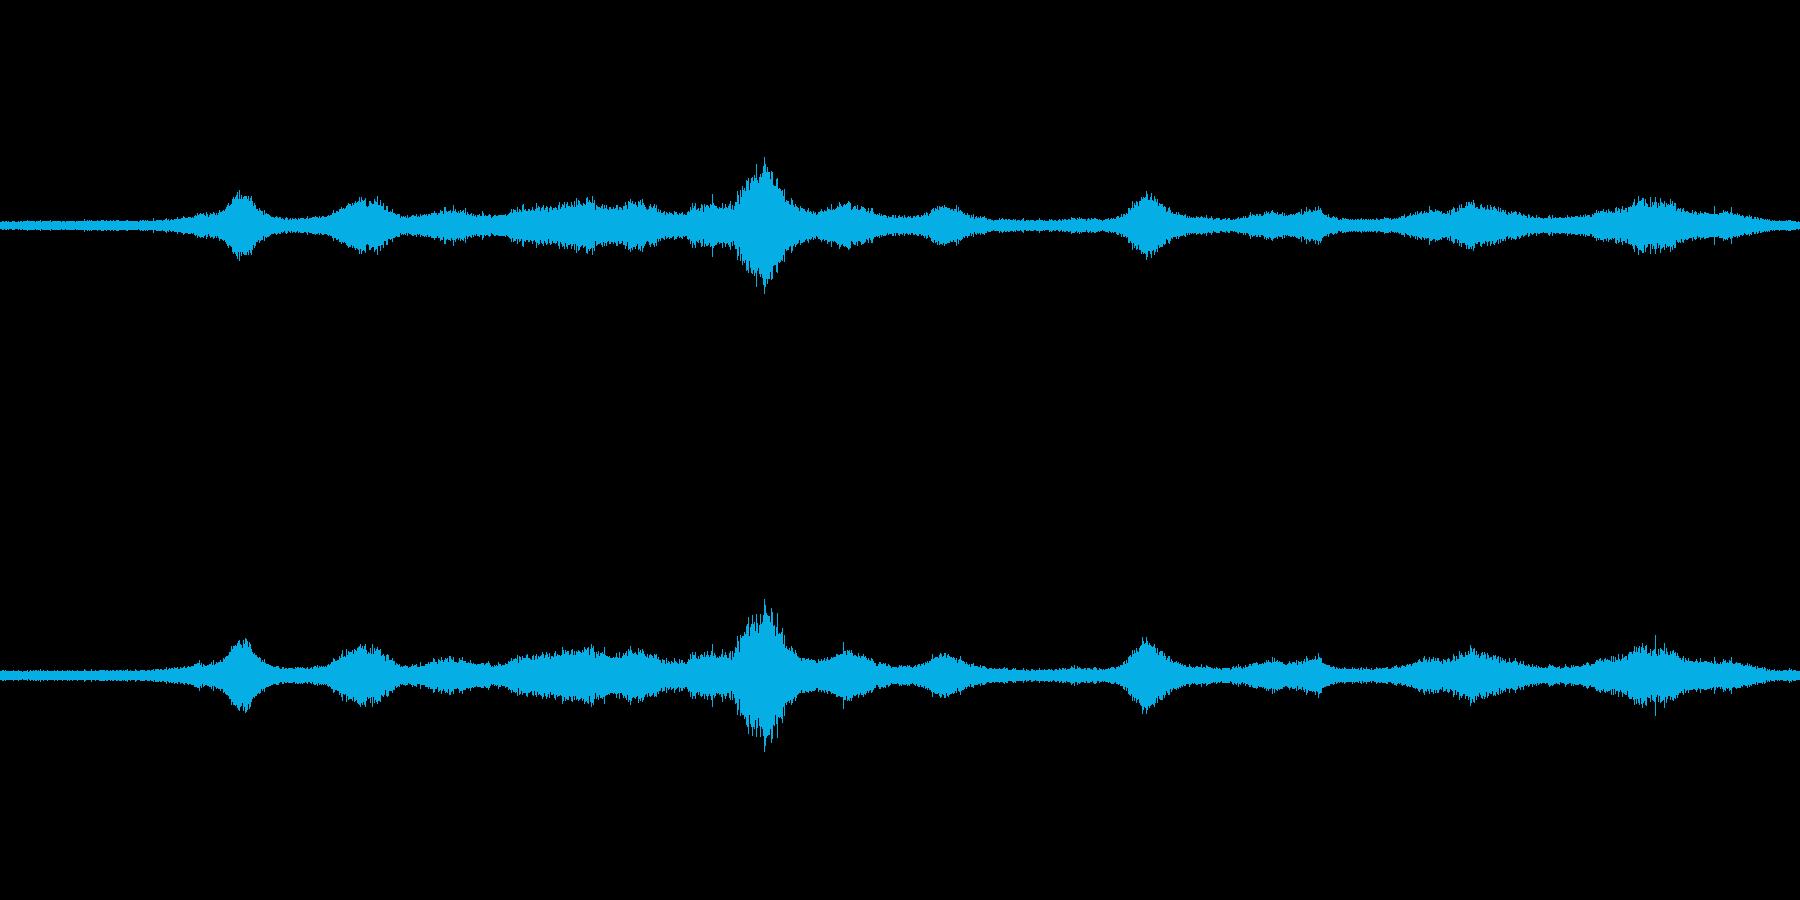 【生音】雨の日の通行音 - 9 雨 車…の再生済みの波形